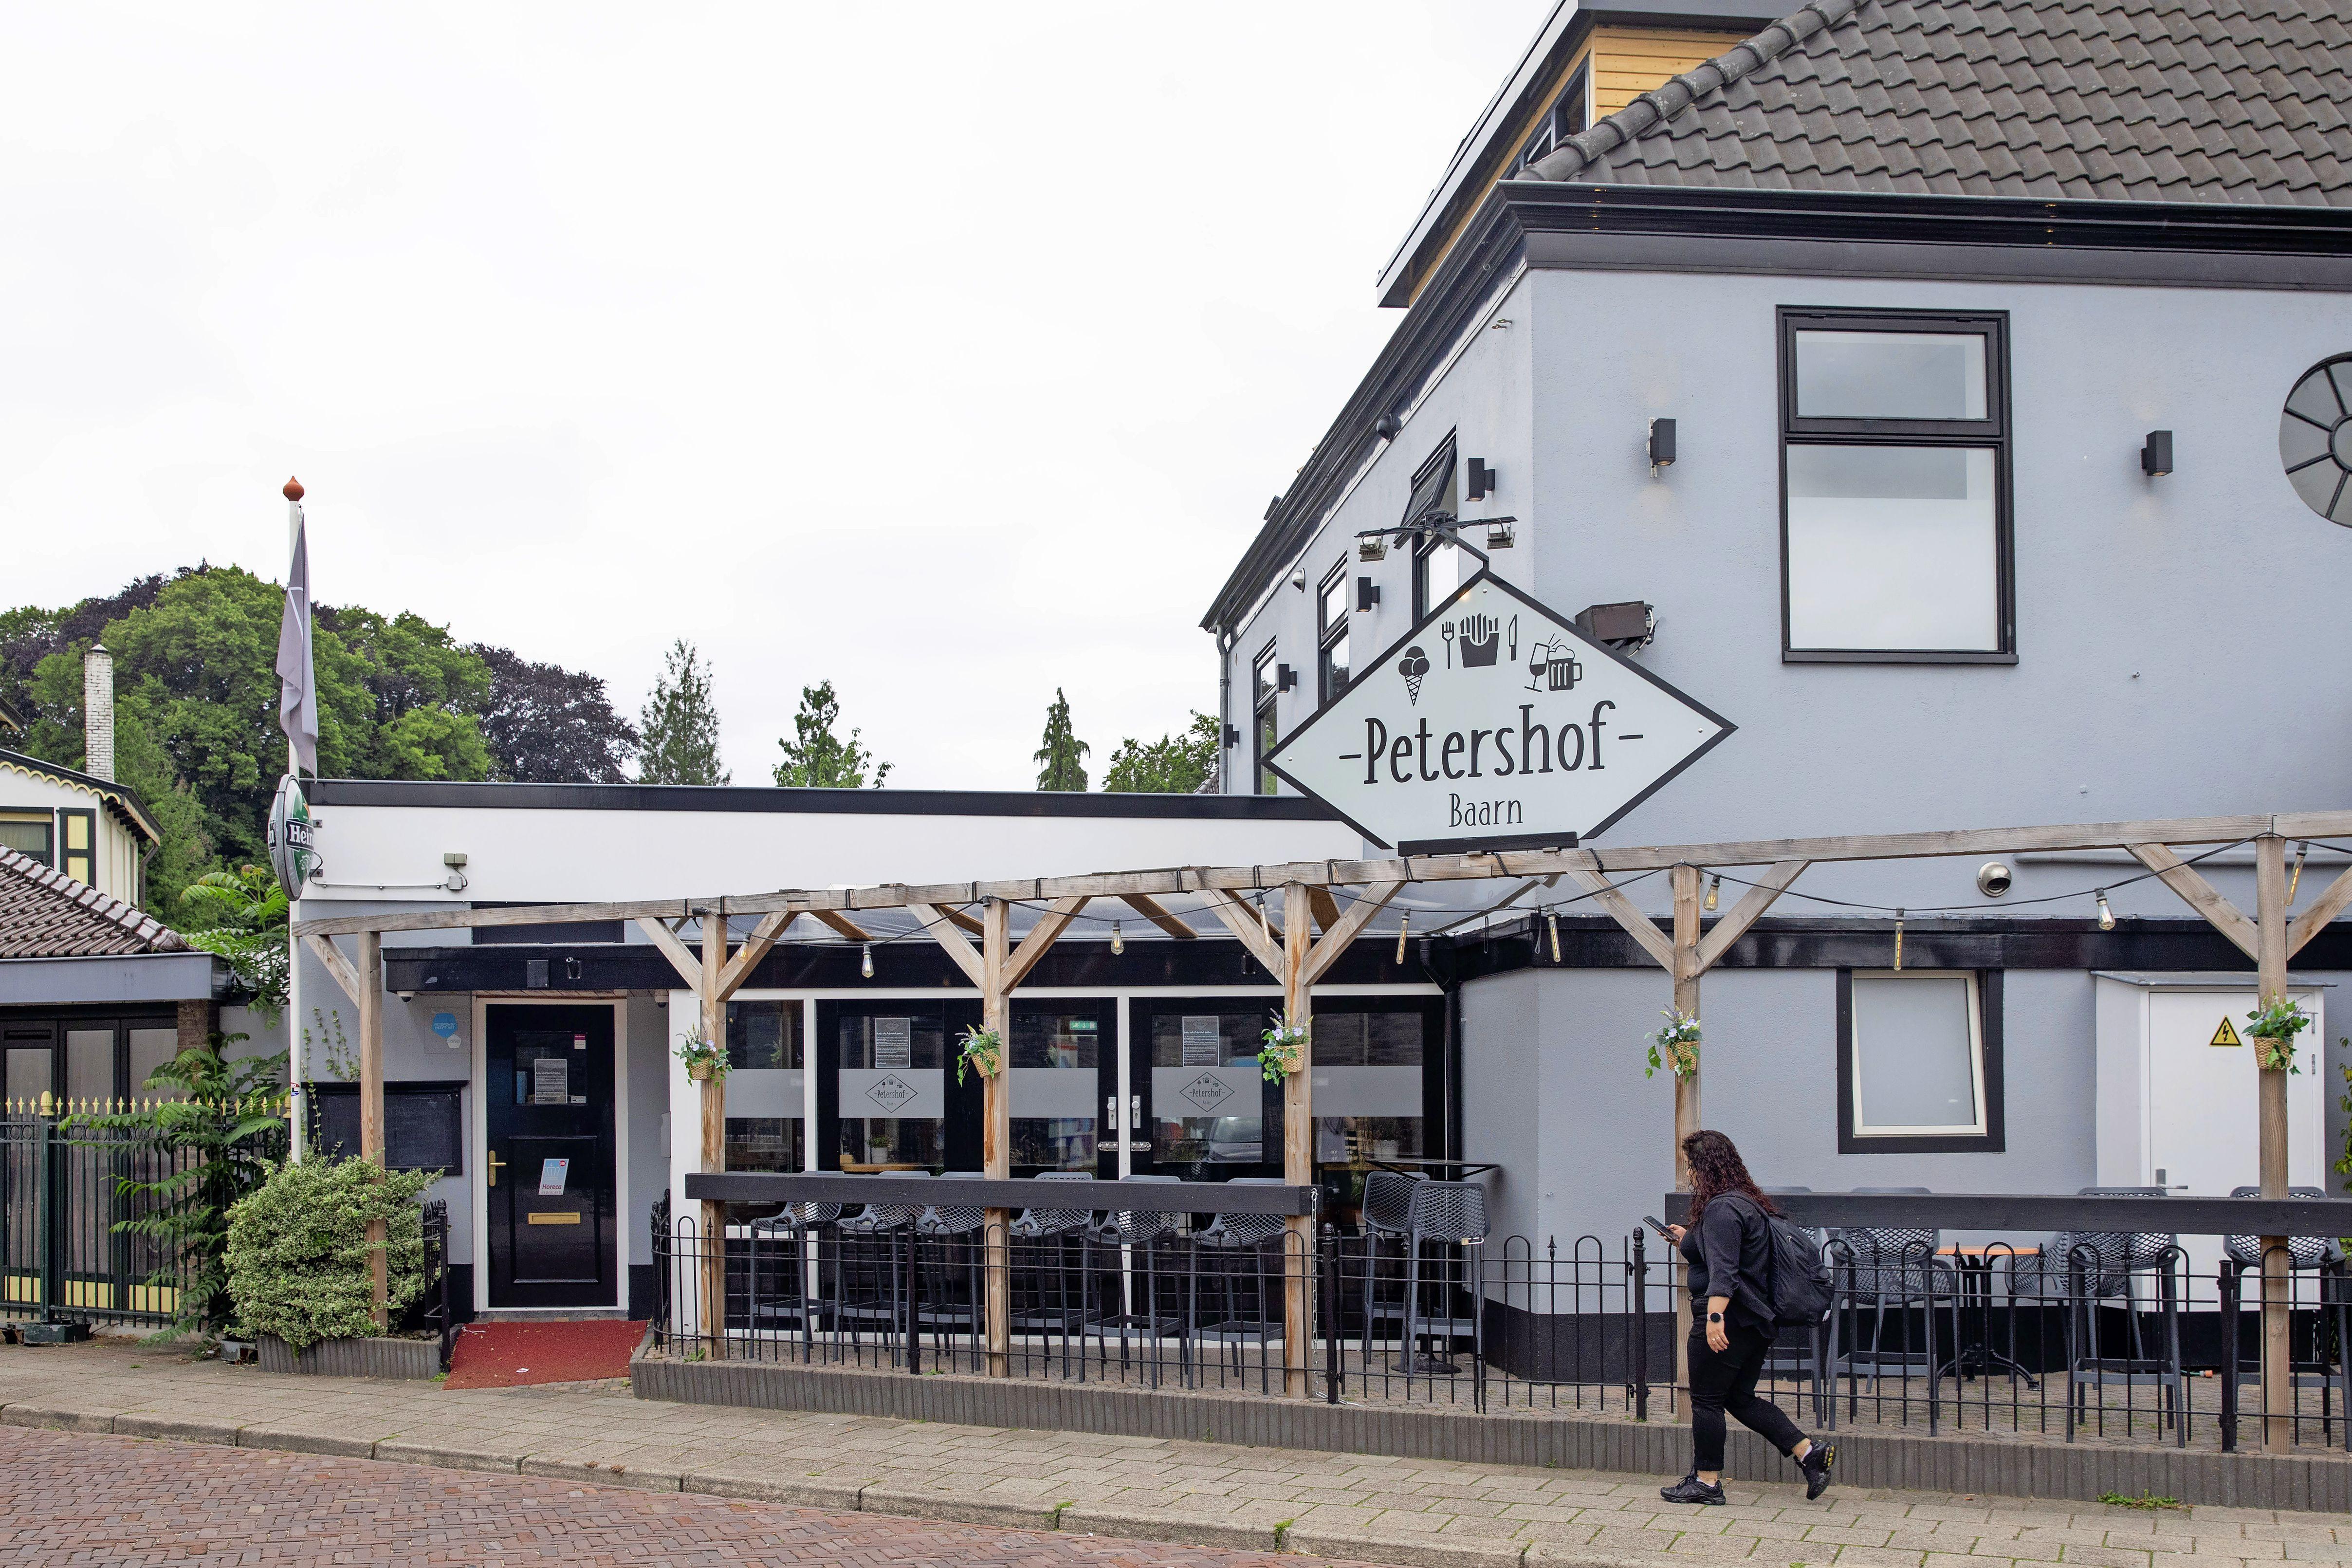 Baarnse café-eigenaar sluit zijn jongerenkroeg vanwege de oplopende coronabesmettingen: 'Dit is niet verantwoord en ik moet ook denken aan mijn andere zaken'